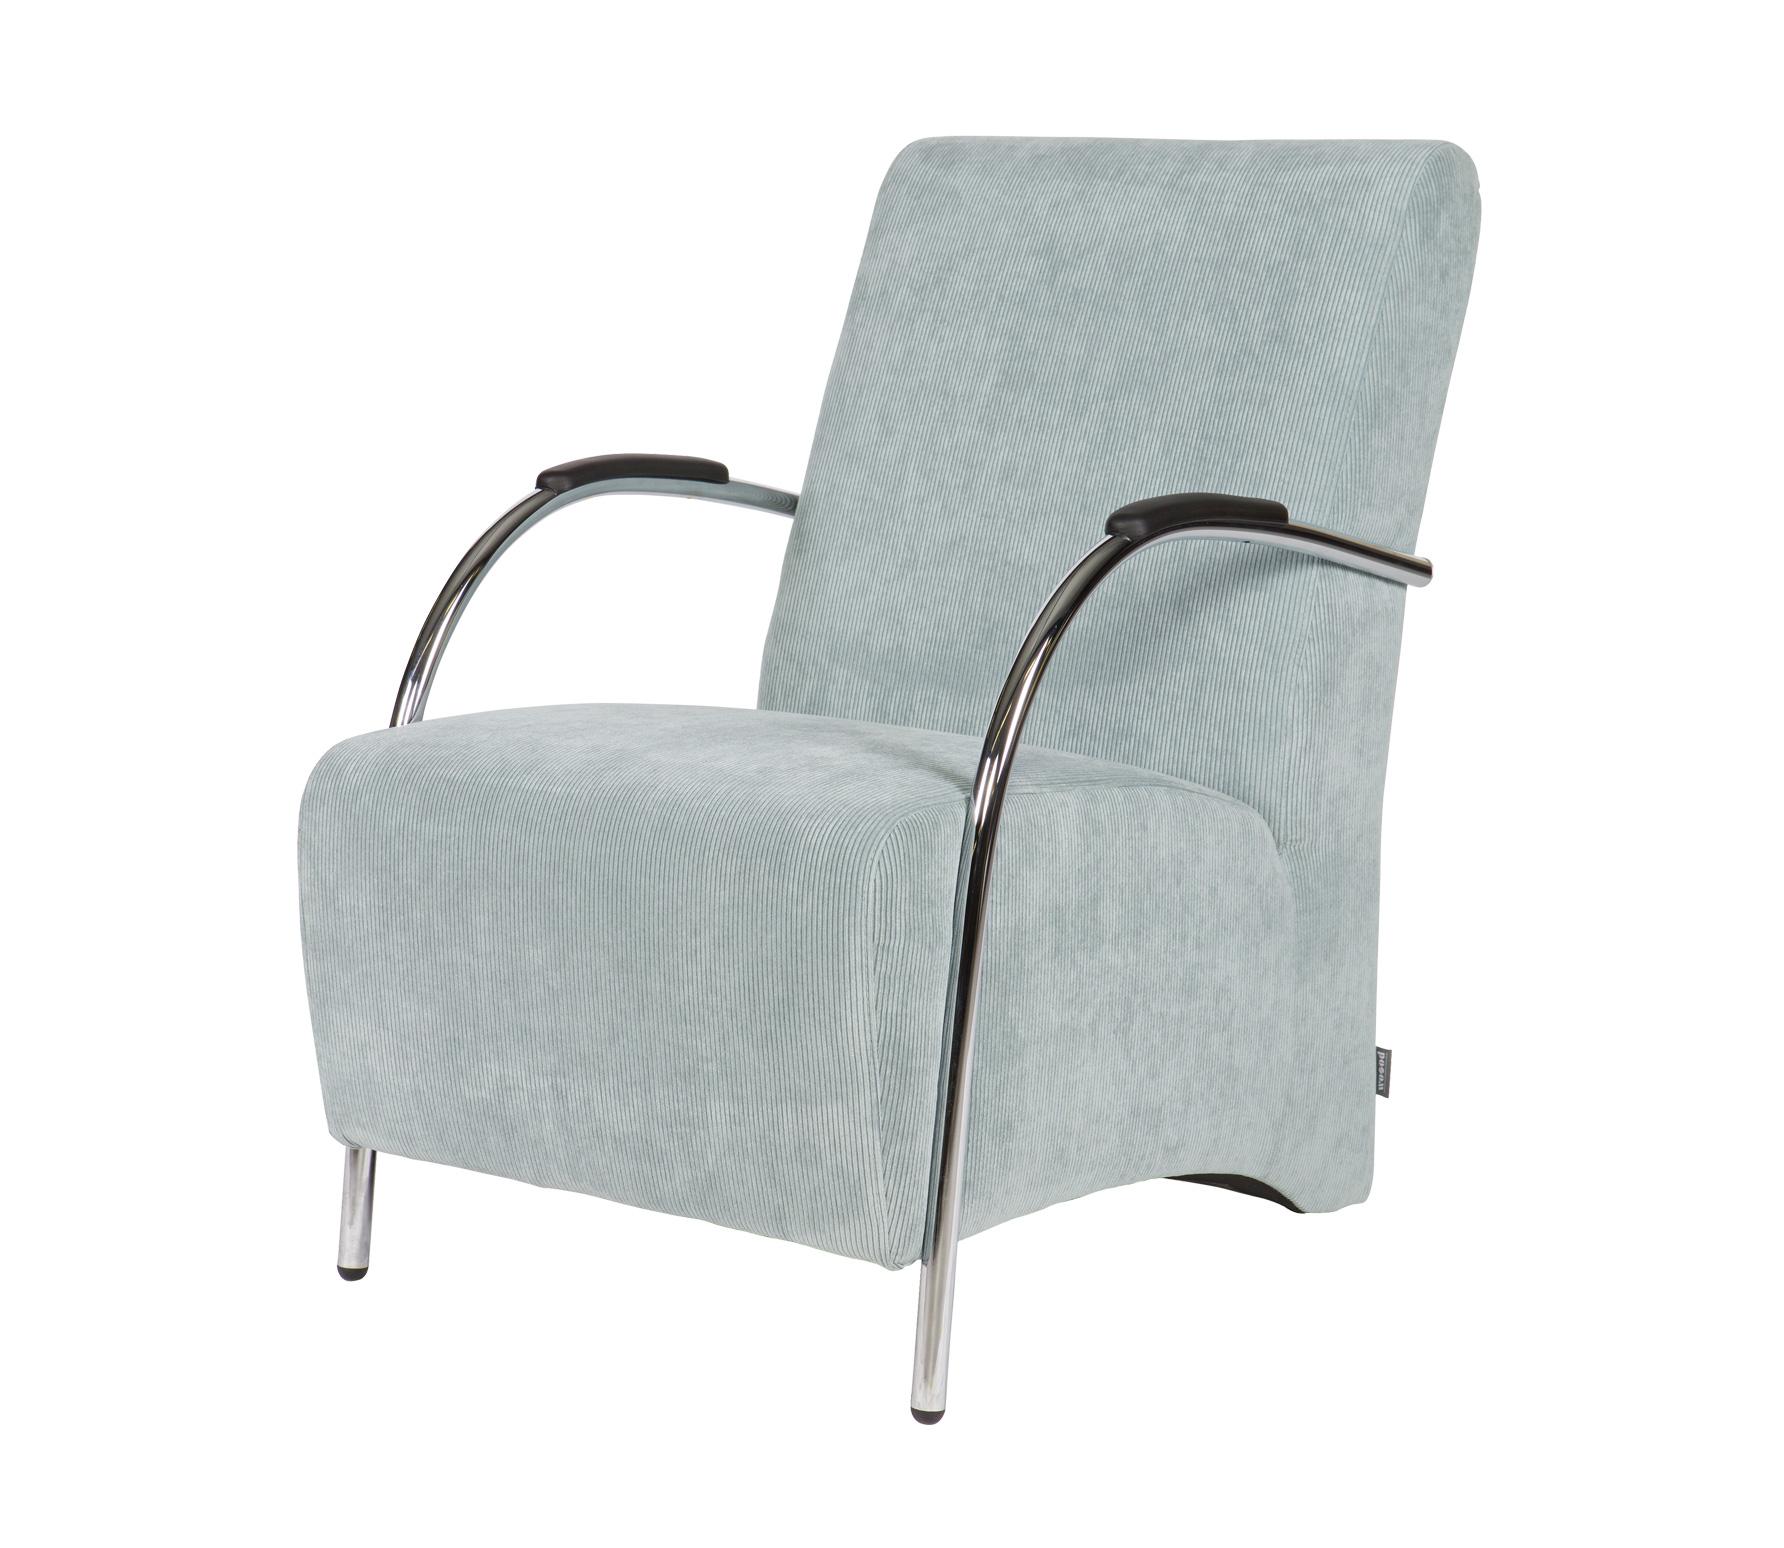 WOOOD Halifax fauteuil ribstof poederblauw vrijstaand